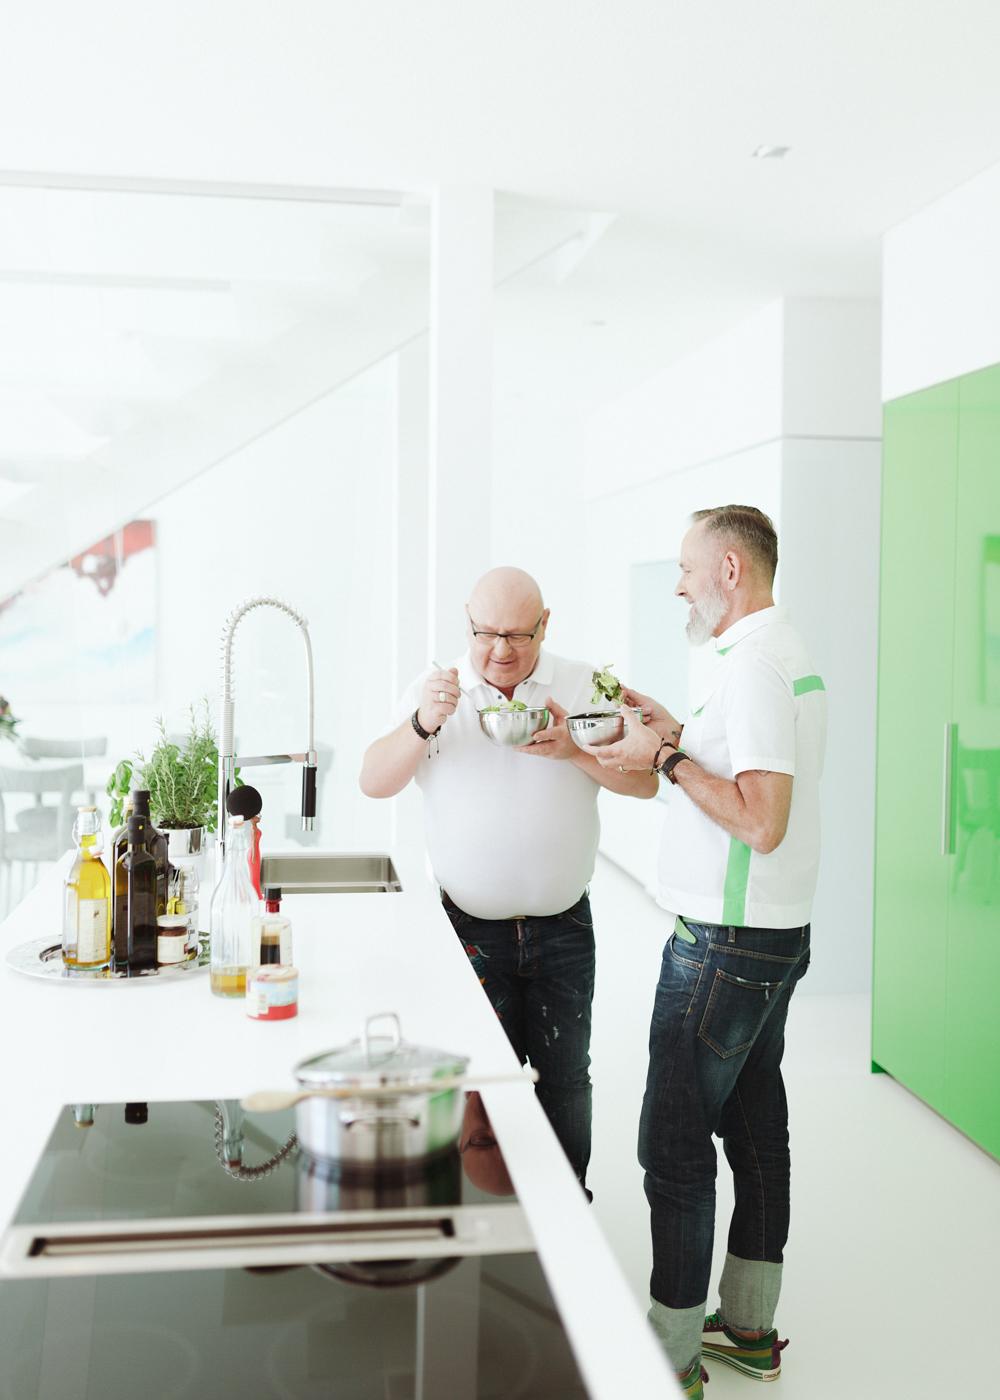 plan 3 kuchyně / Byt dizajnéra / Kuchyňa sochárskeho rázu